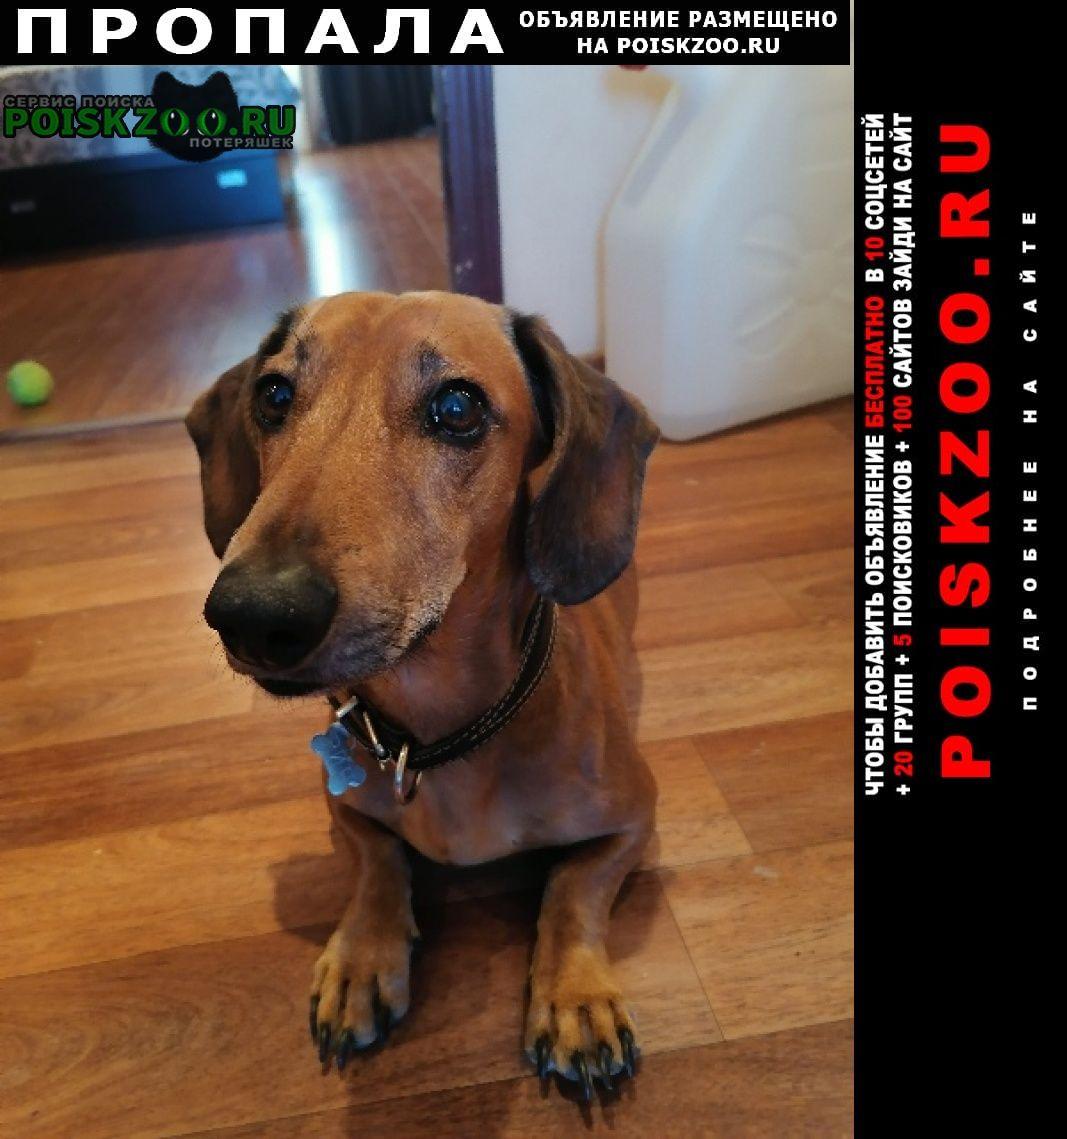 Пропала собака кобель вознаграждение 20.000 Магадан